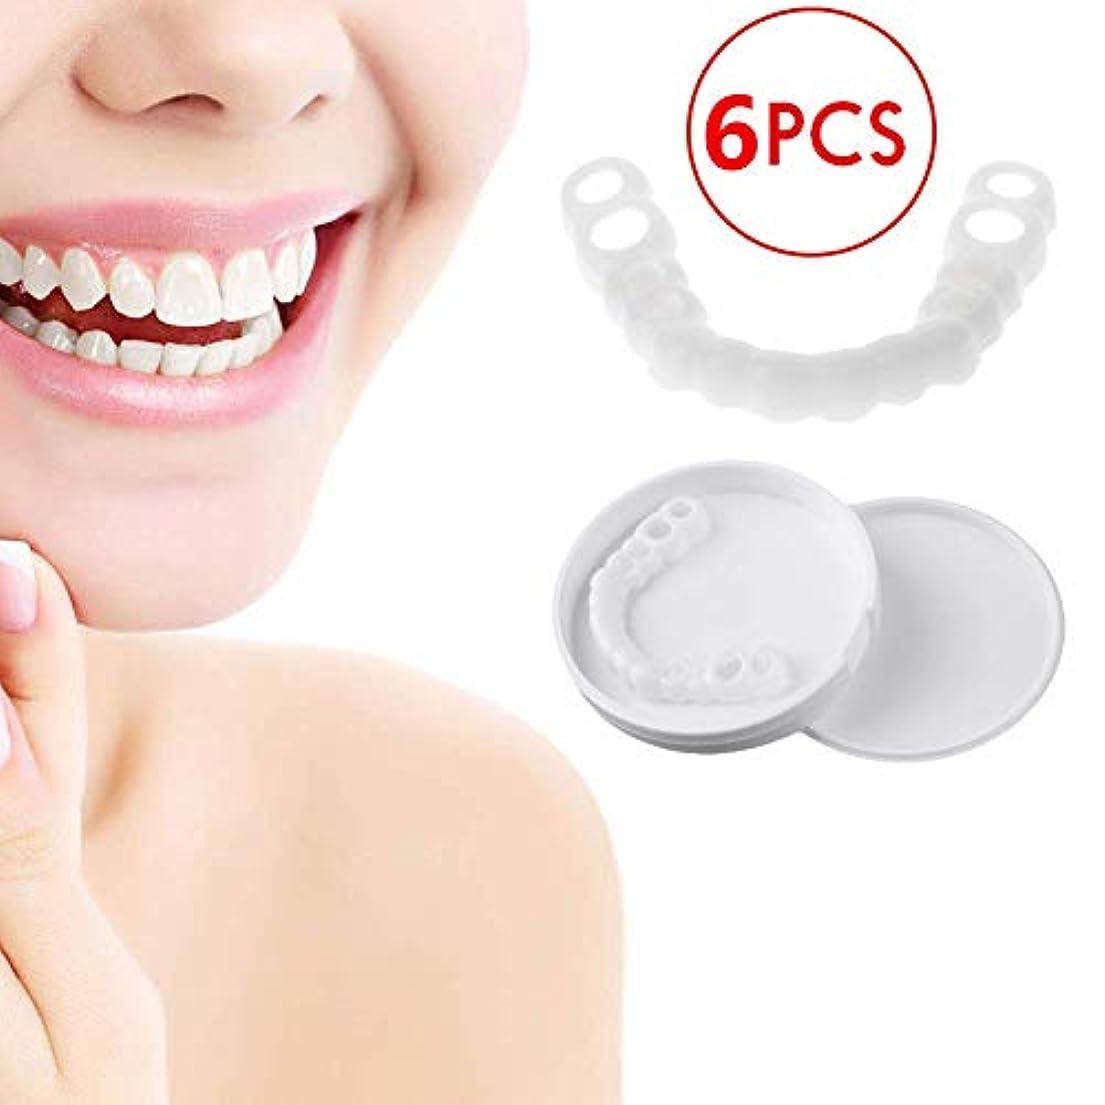 合成株式国内の6ペアの一時的な歯のホワイトニング、変装した曲がった/ステンド/欠落したギャップのある歯のカバー,6pcsupperteeth